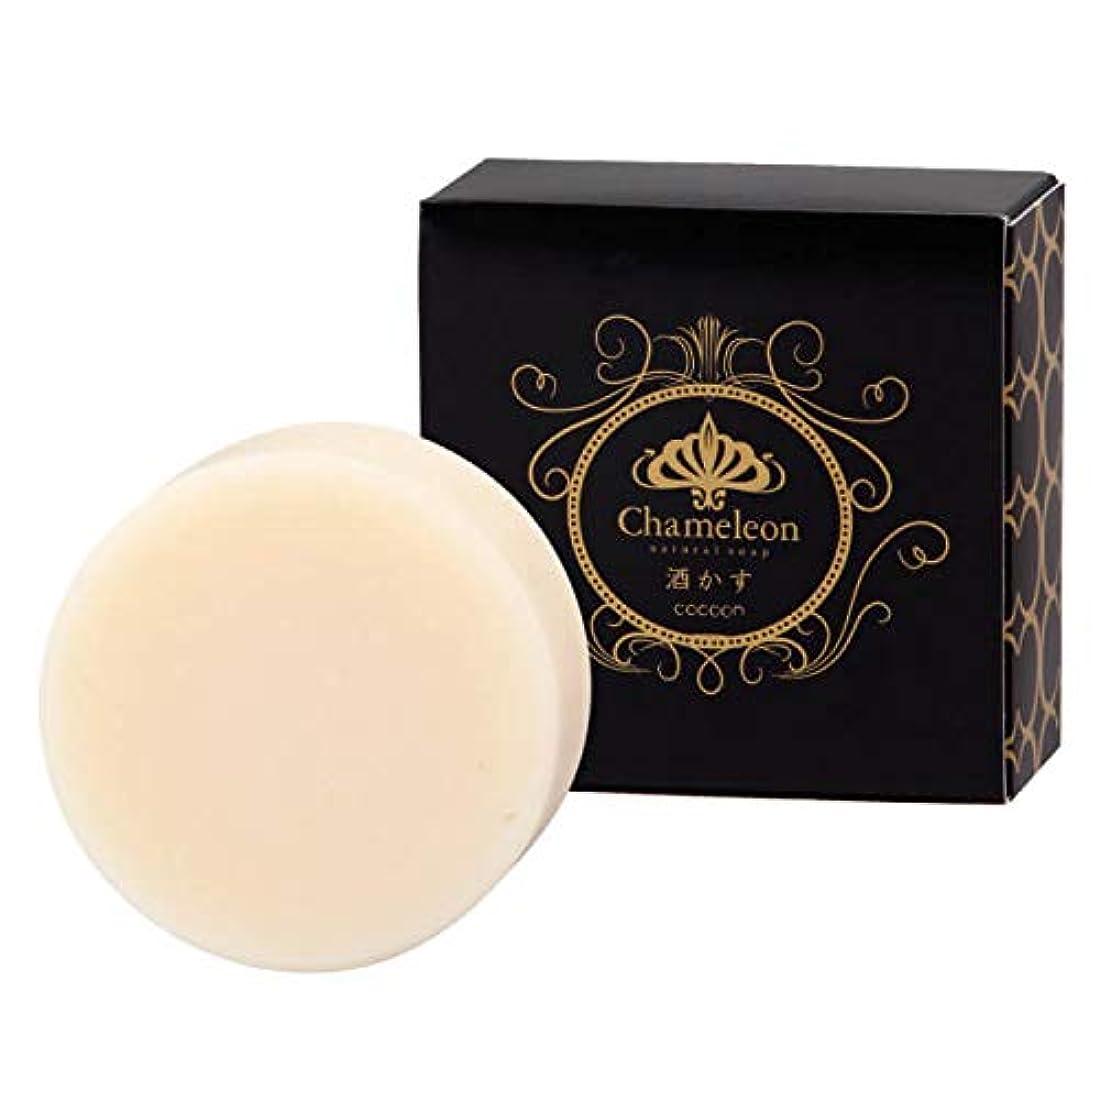 カメレオンソープ「酒かす」 75g 洗顔石鹸 シルク コールド製法